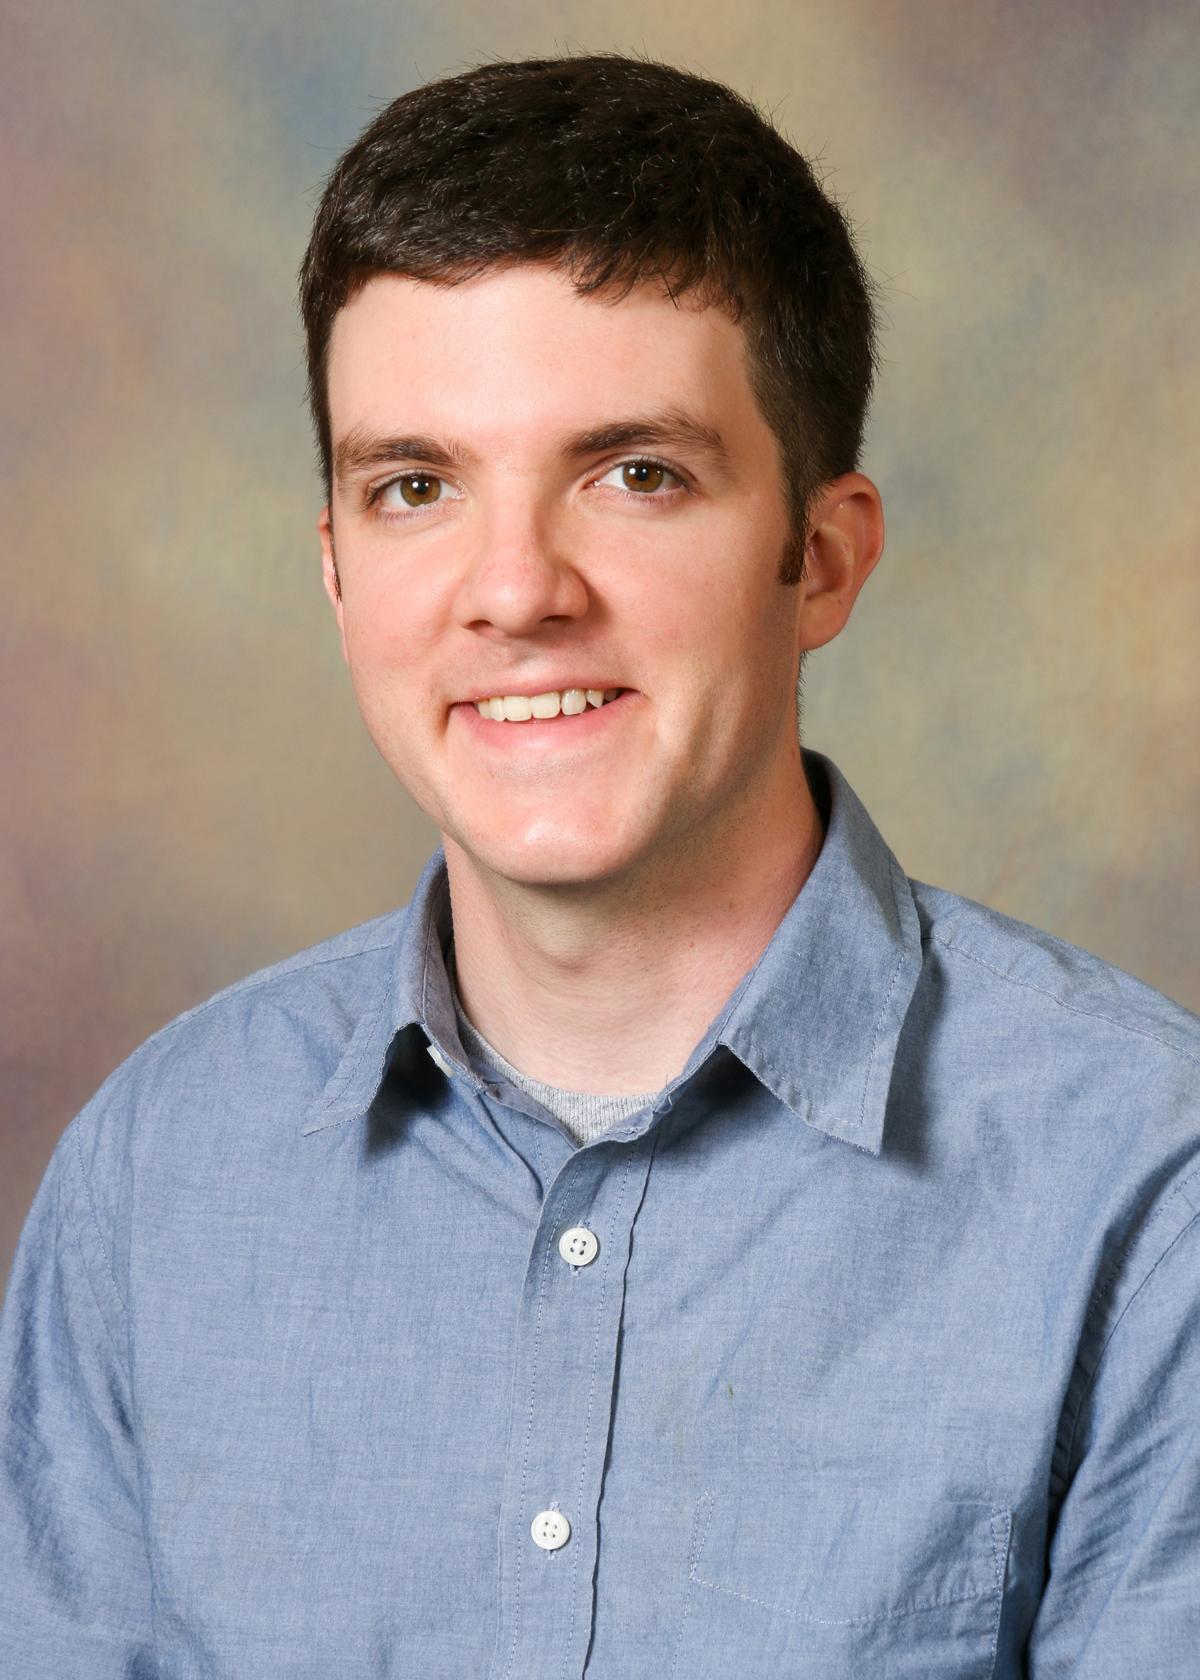 Steve Iwanski (Director/Dr. Gibbs)